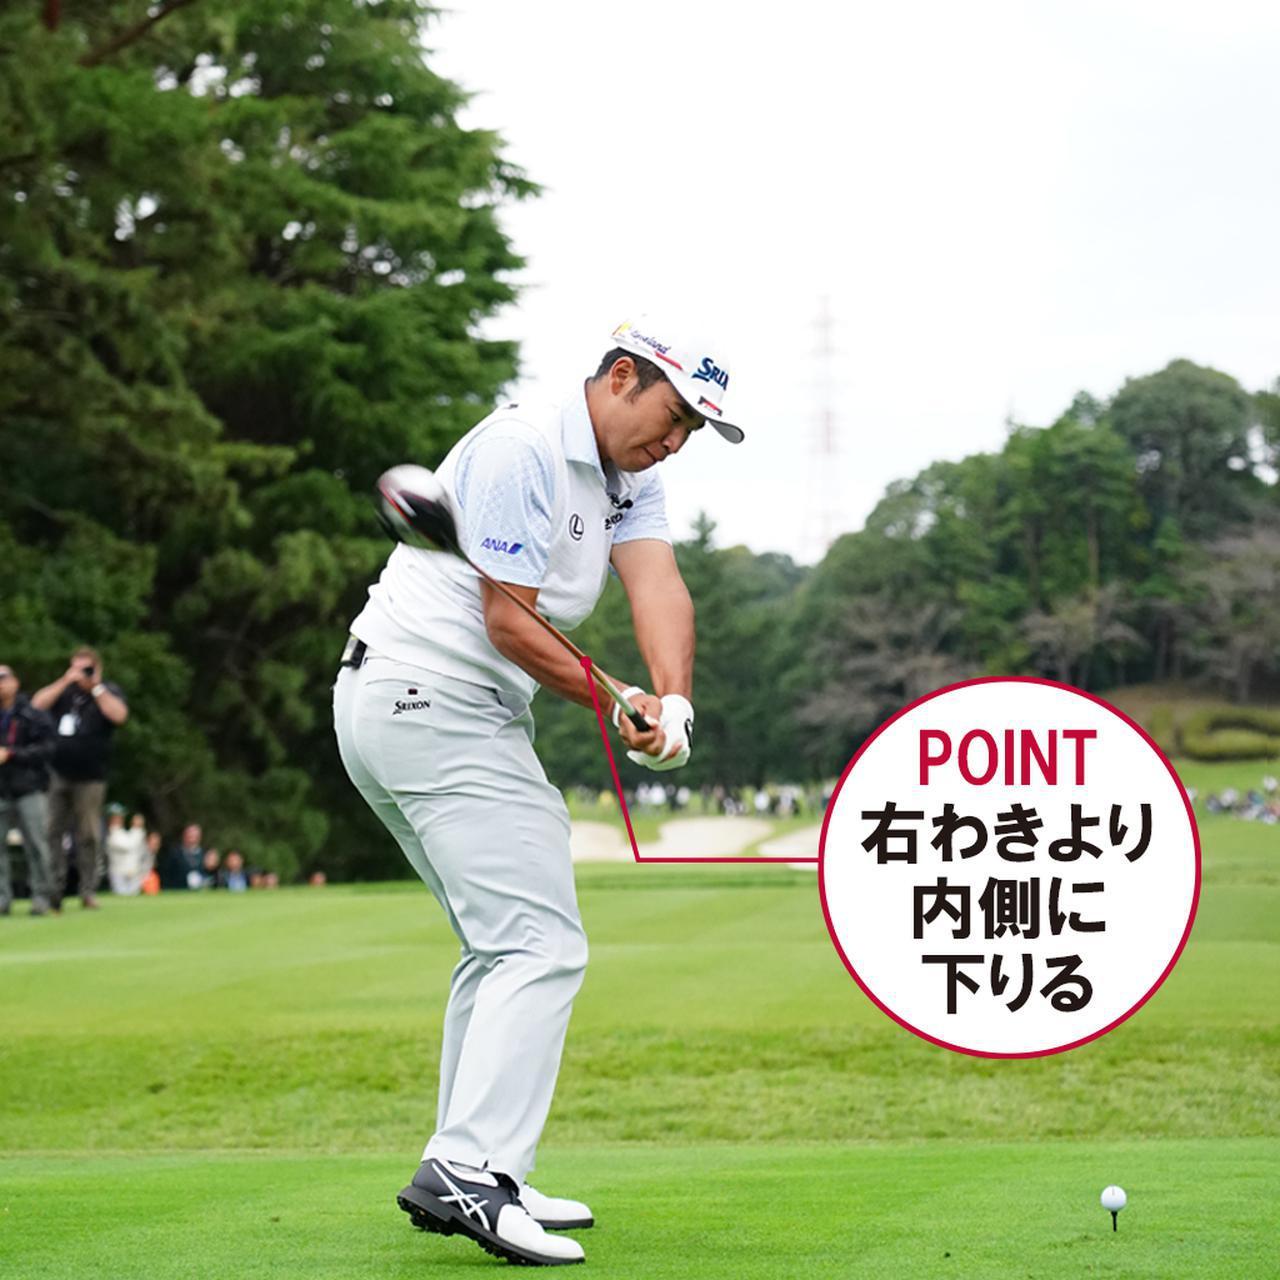 画像3: 【松山英樹】トップで止まらなくなった! 淀みなく超スムーズになった「切り返し動」スウィング解説